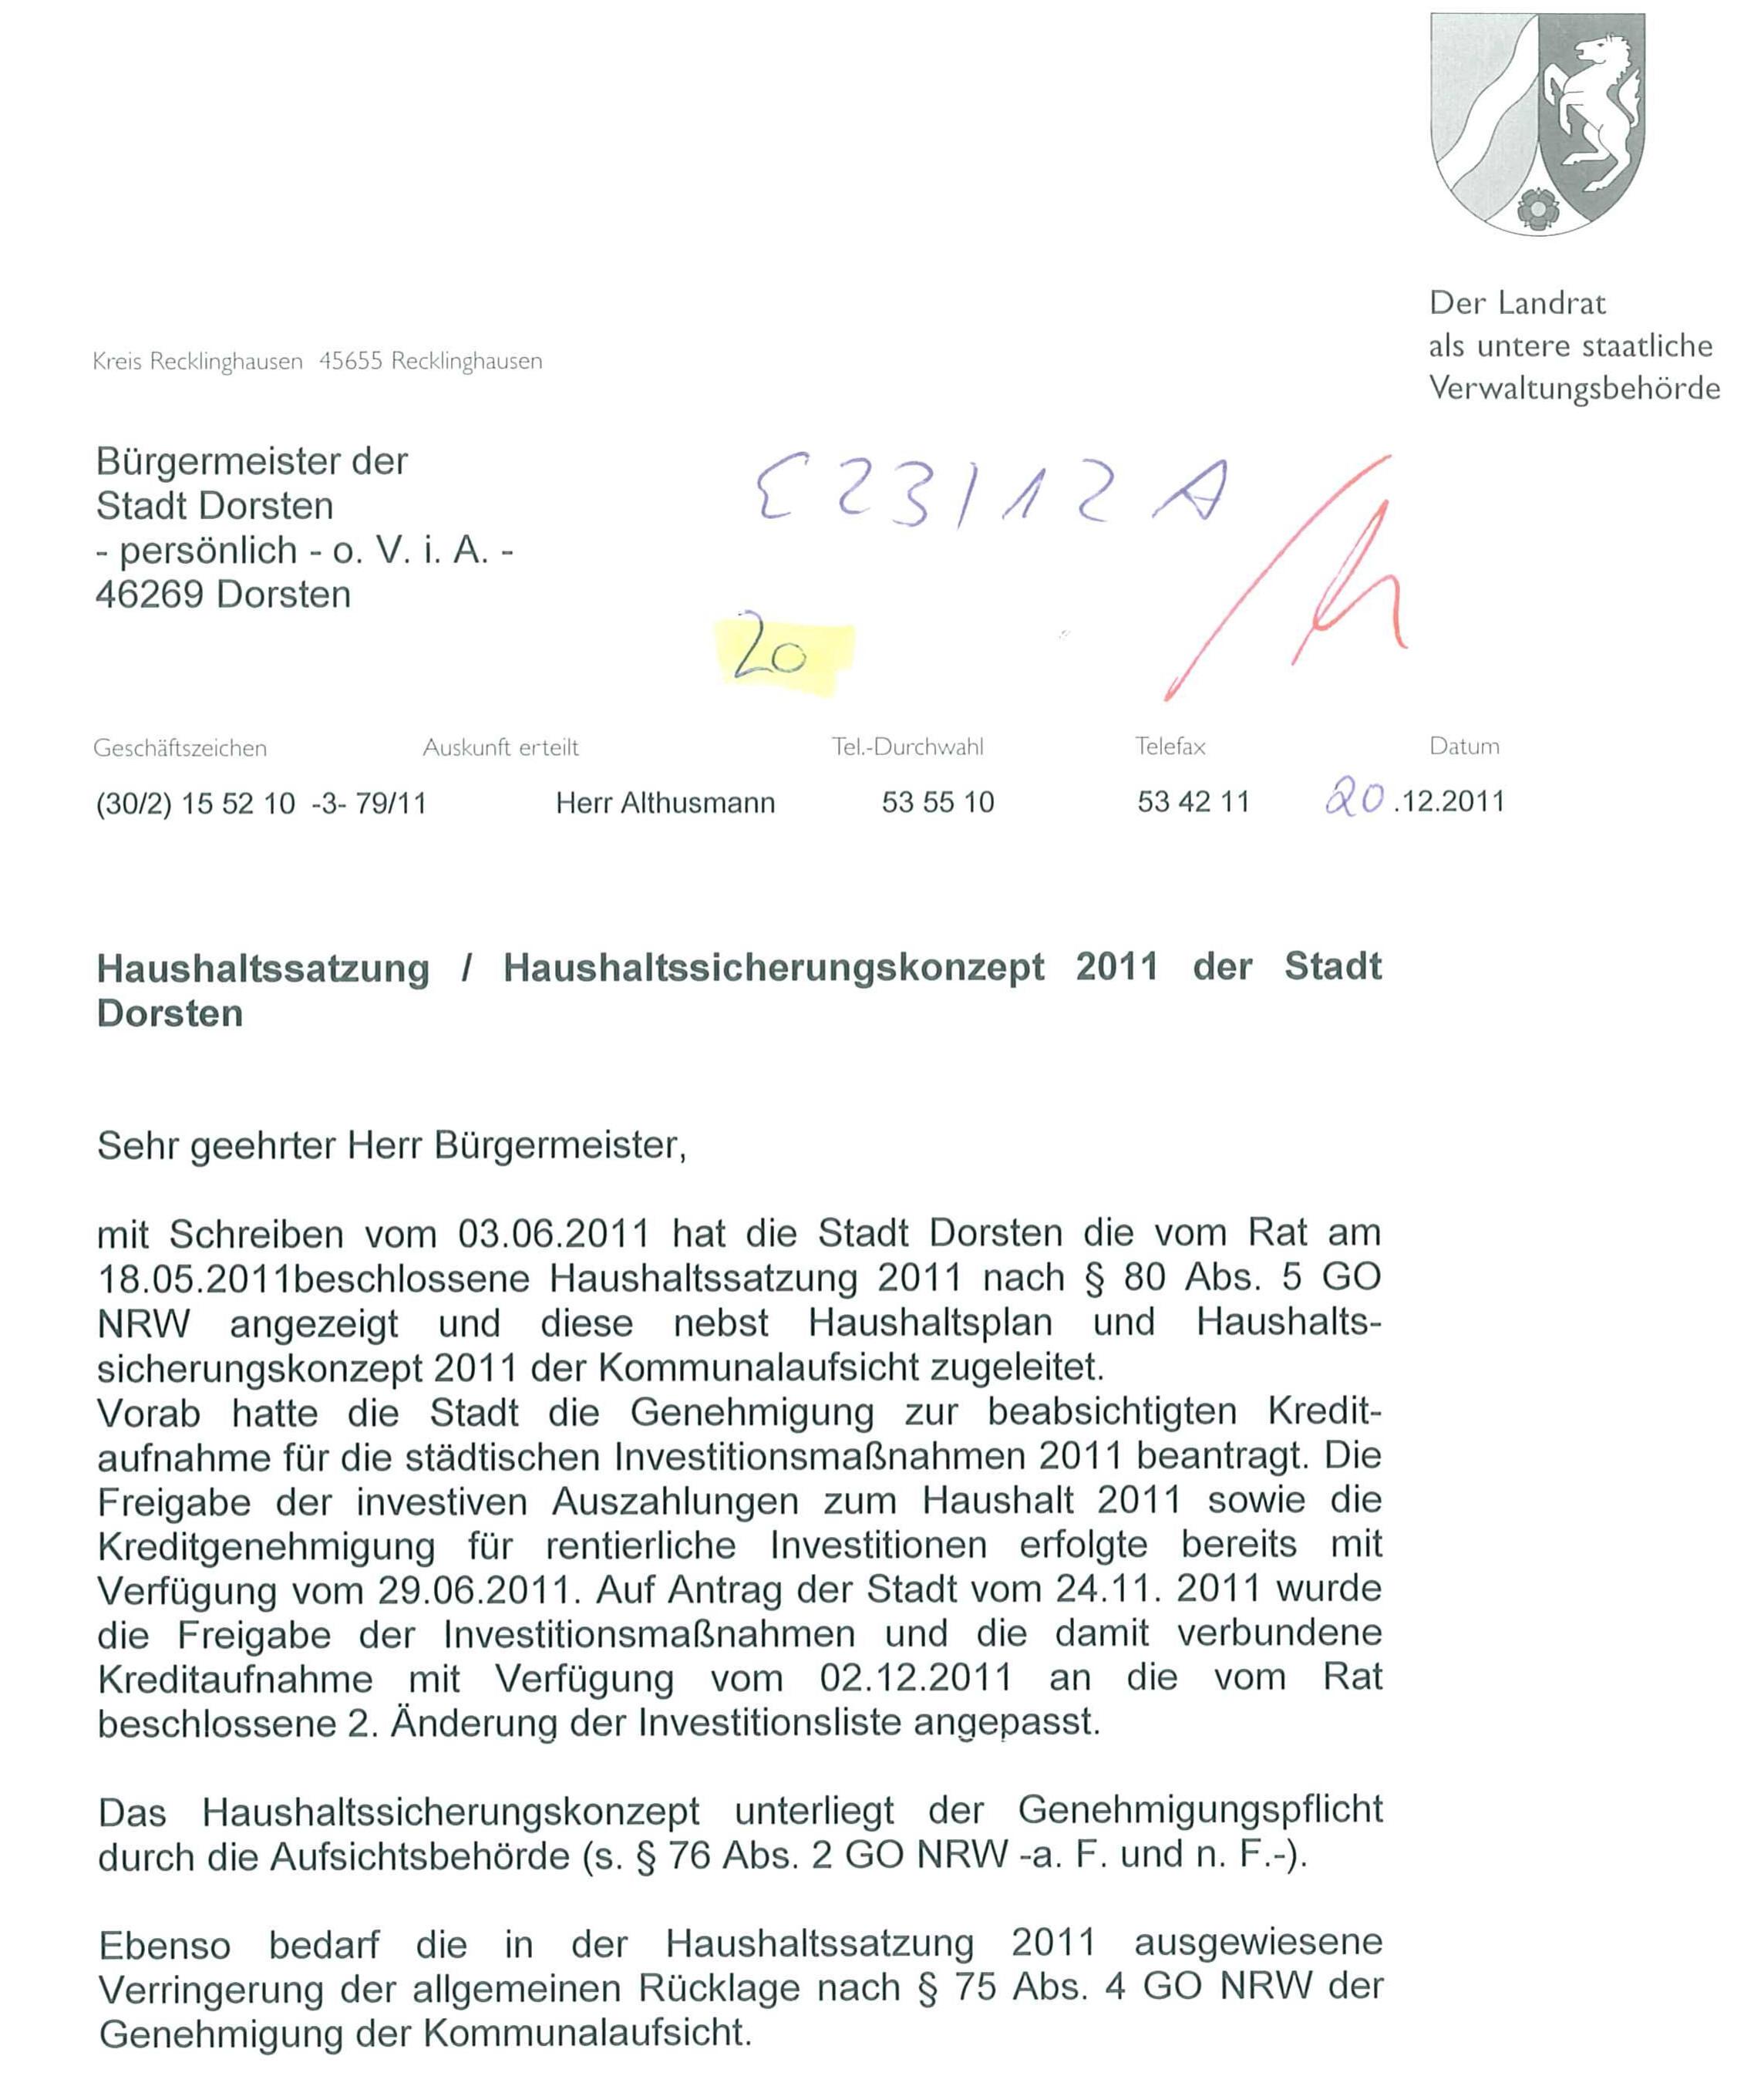 Wie Der Landrat Das Problem Mit Dem Haushalt 2011 Der Stadt Dorsten